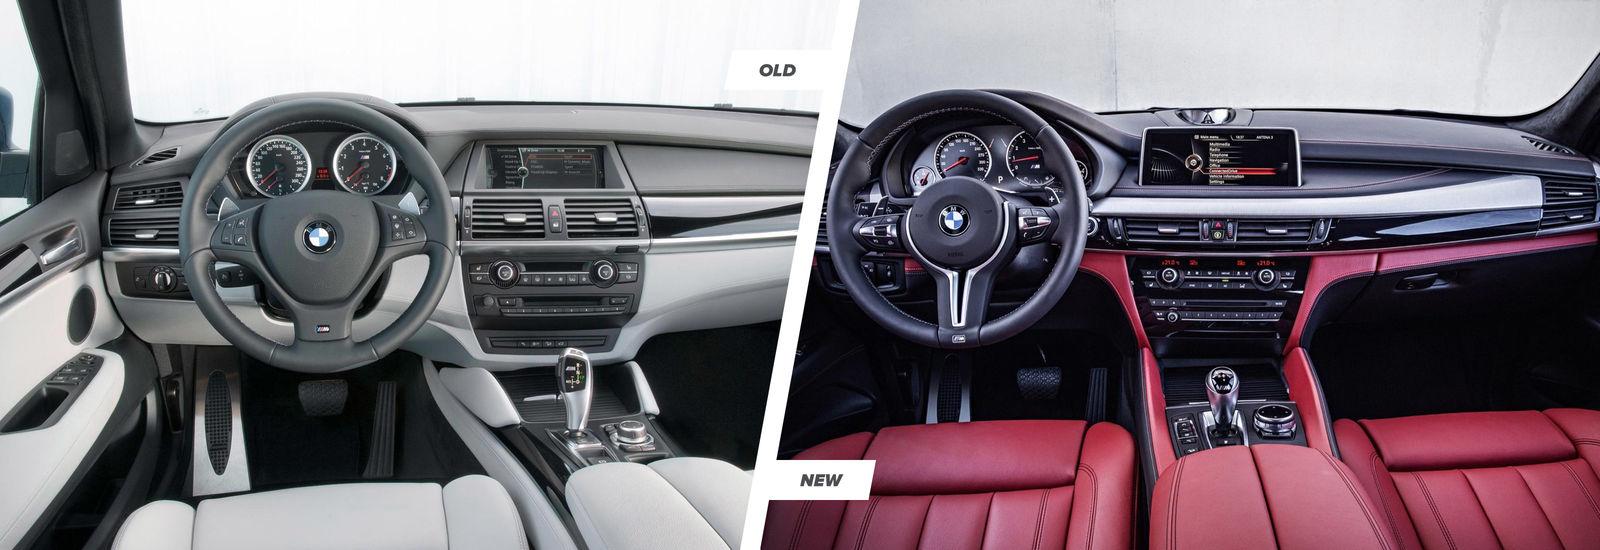 Ауди x5 2017 года новая модель цена